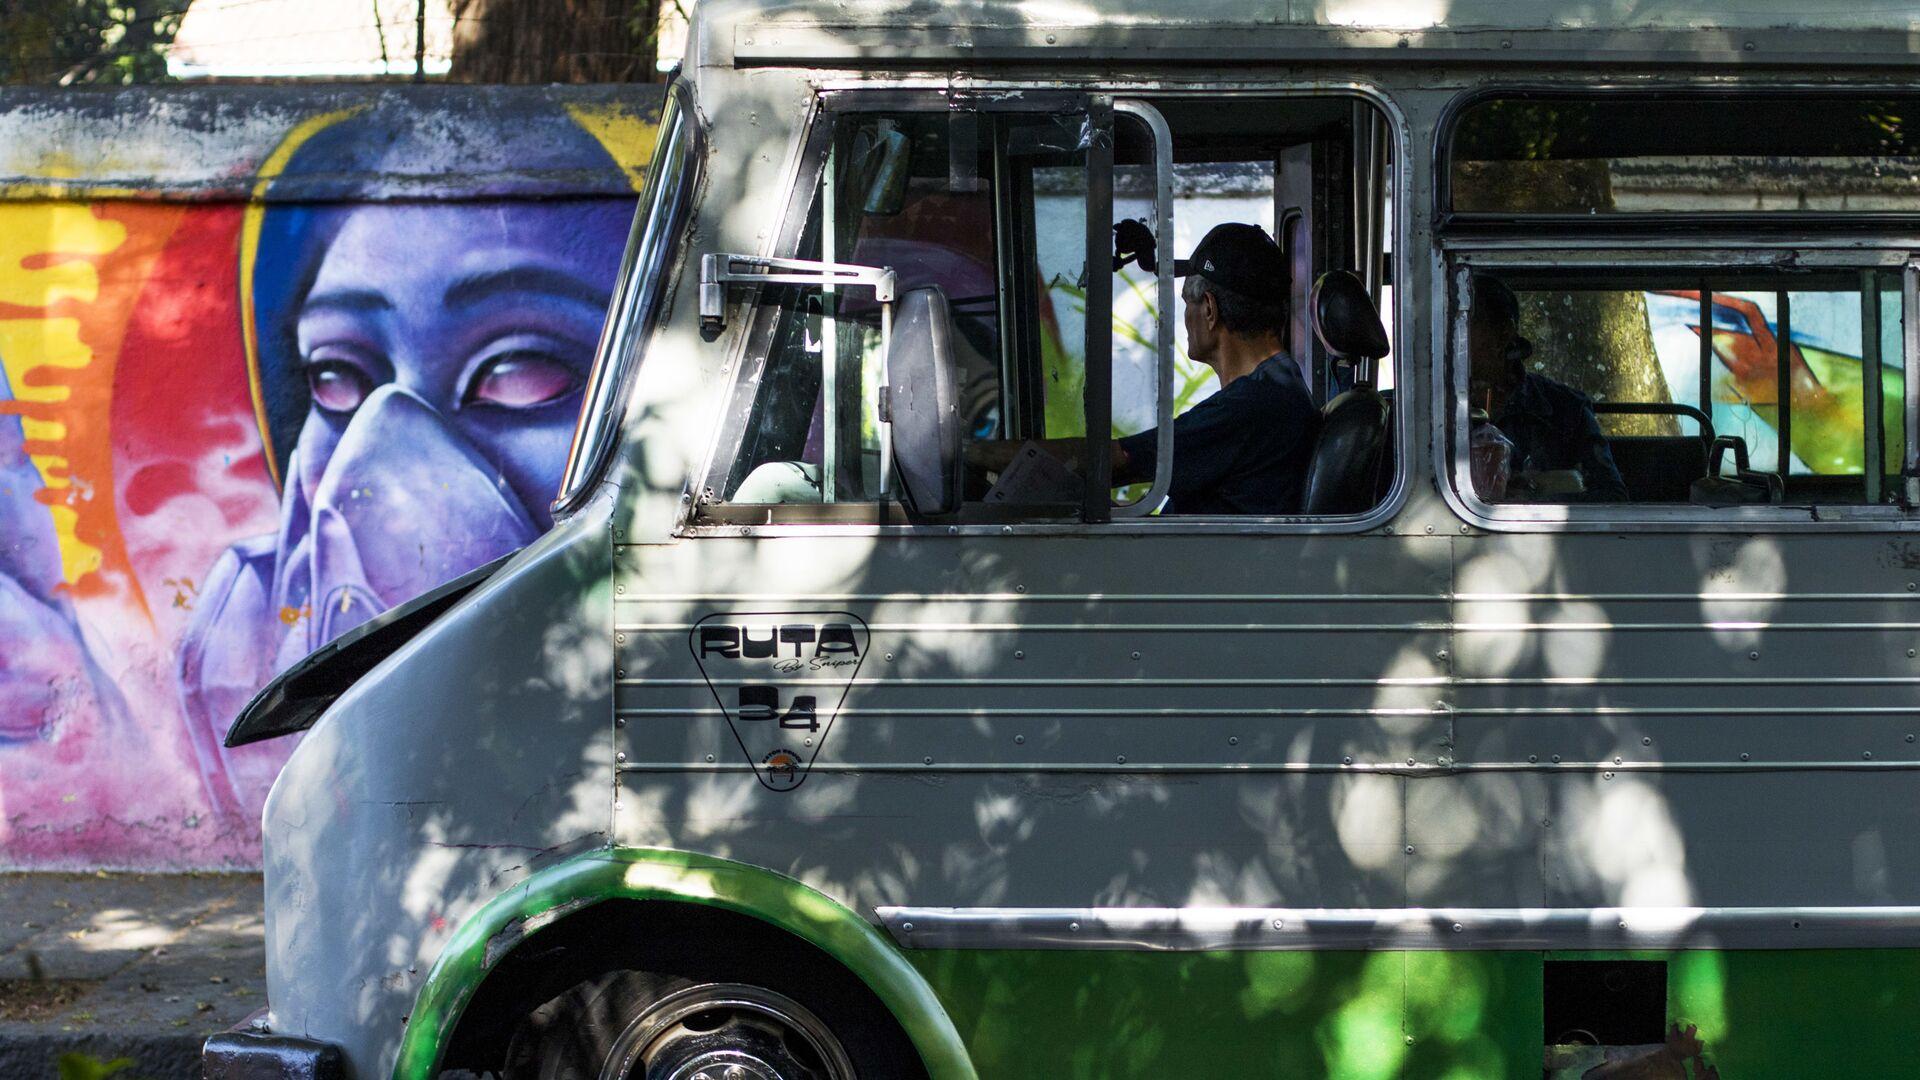 Un autobus en la Ciudad de México (imagen referencial) - Sputnik Mundo, 1920, 23.07.2021